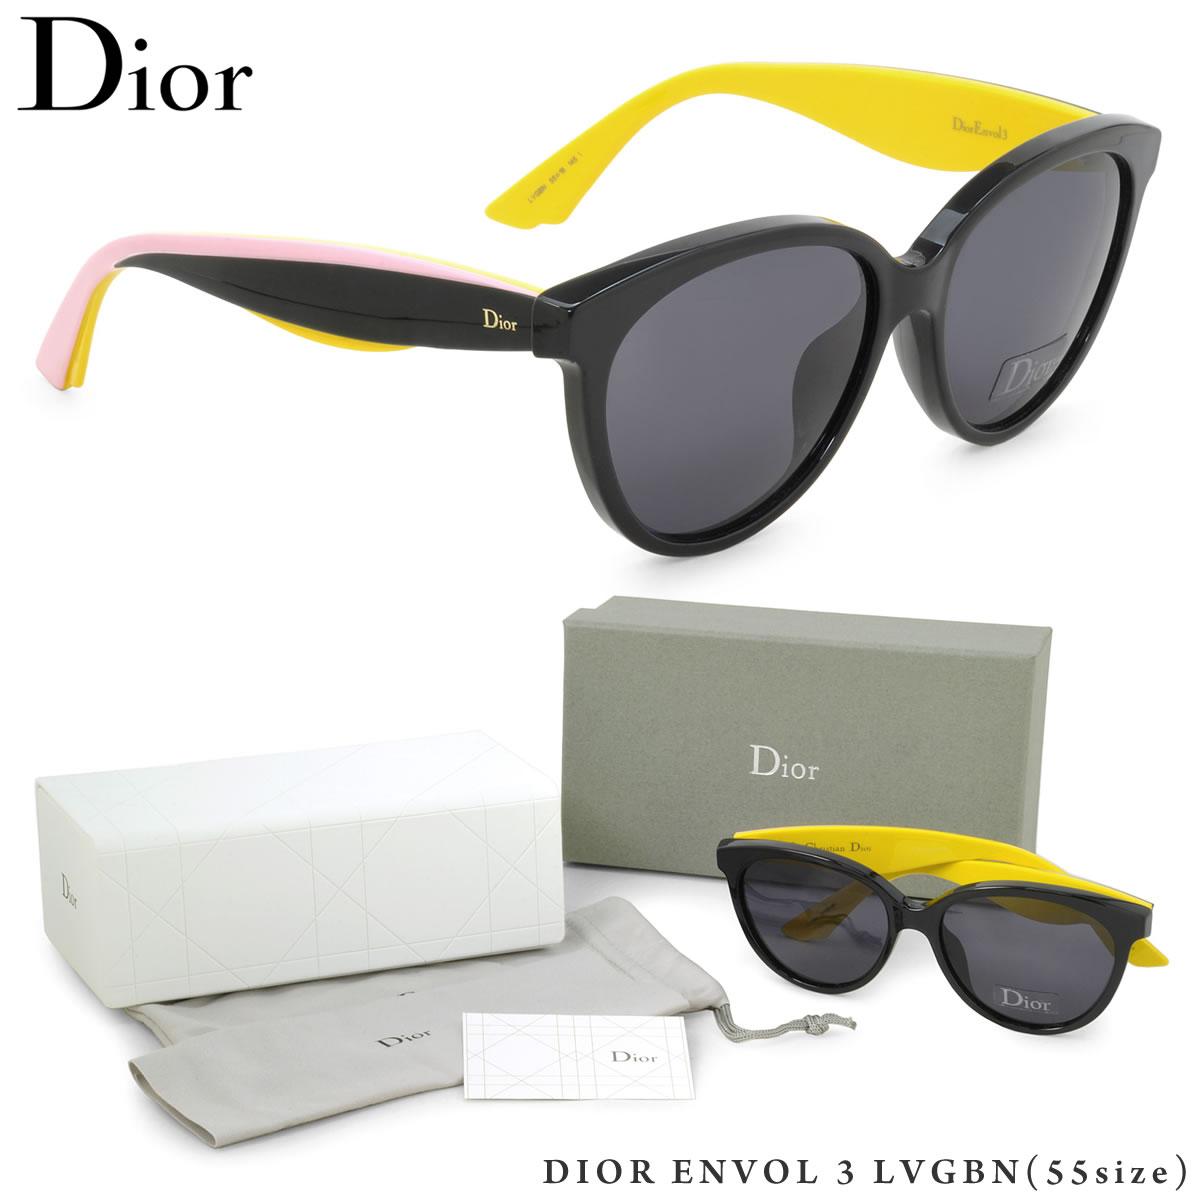 【10月30日からエントリーで全品ポイント20倍】【Dior】(ディオール) サングラス DIOR ENVOL 3 LVGBN 55サイズ バタフライ オンボル ディオール Dior レディース